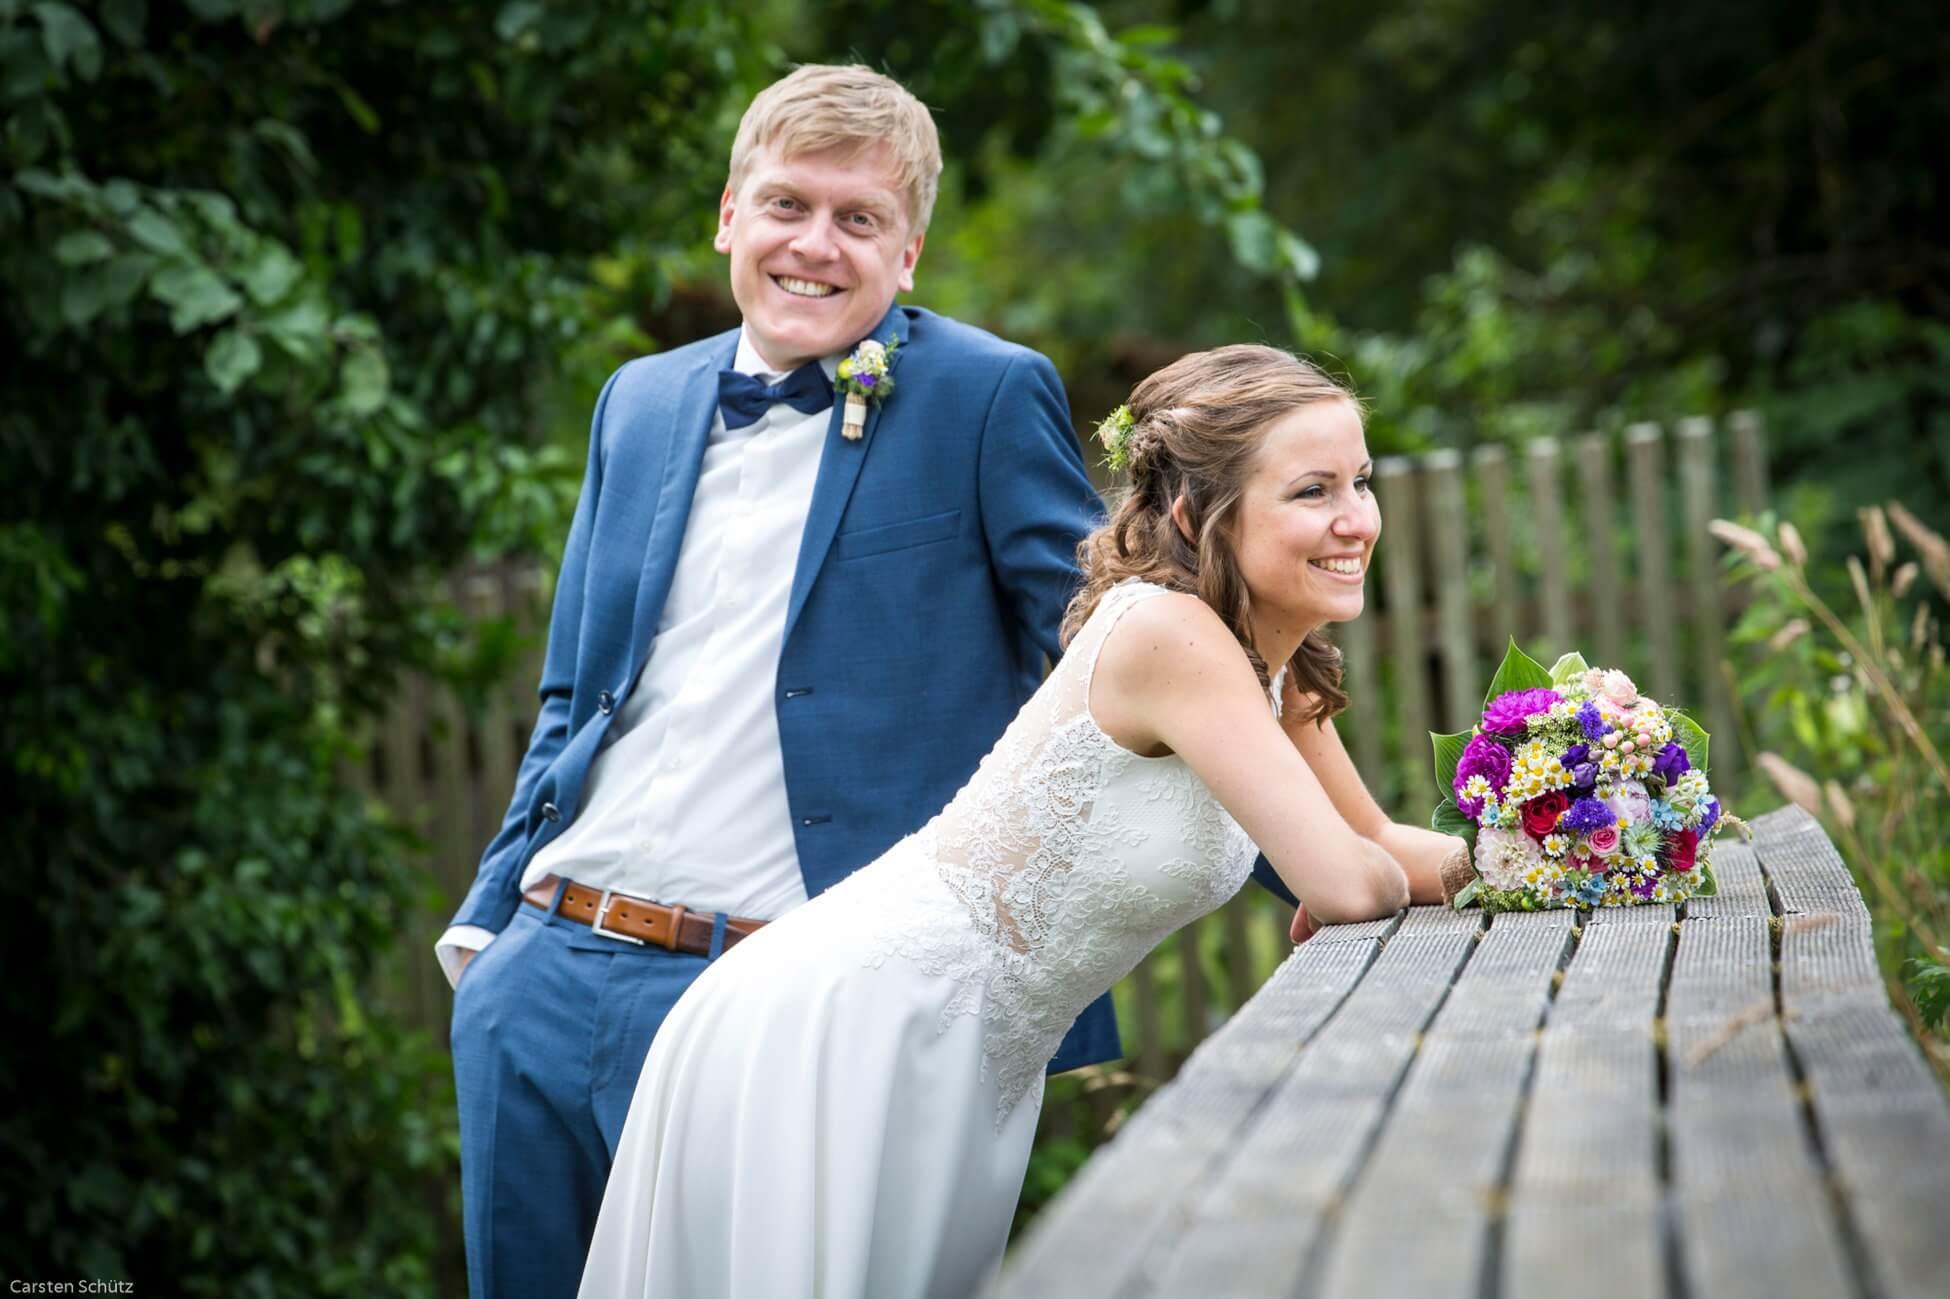 Hochzeitsfoto von Carsten Schütz